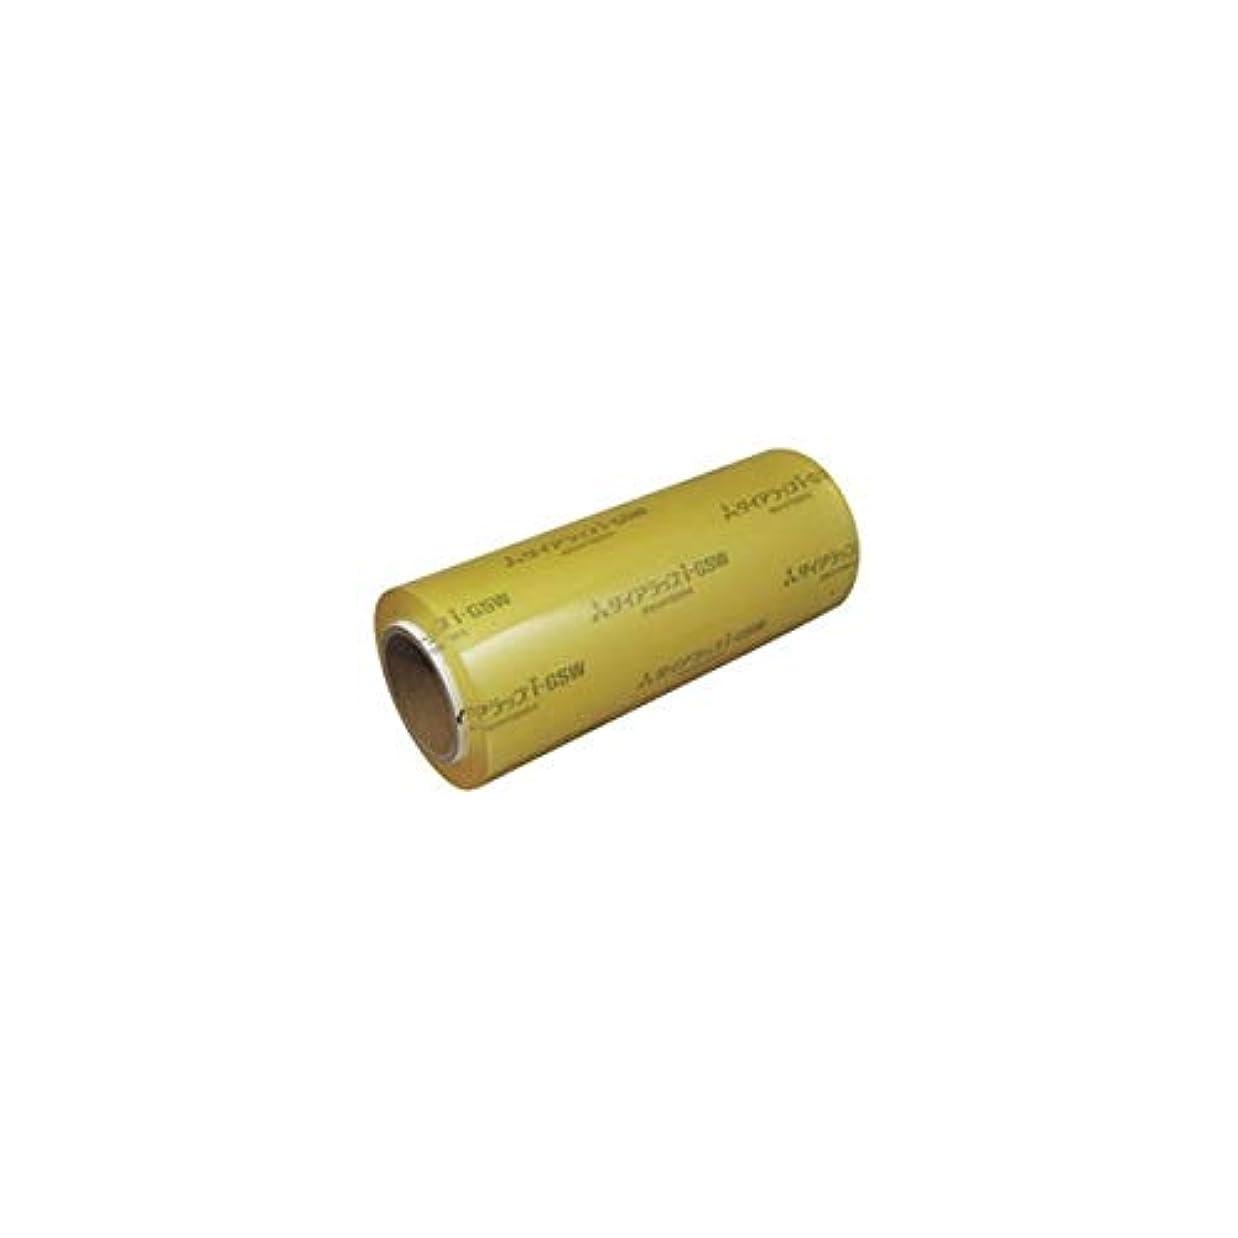 ドキドキモック森林三菱樹脂 ダイアラップ i-GSW 300mm×750m